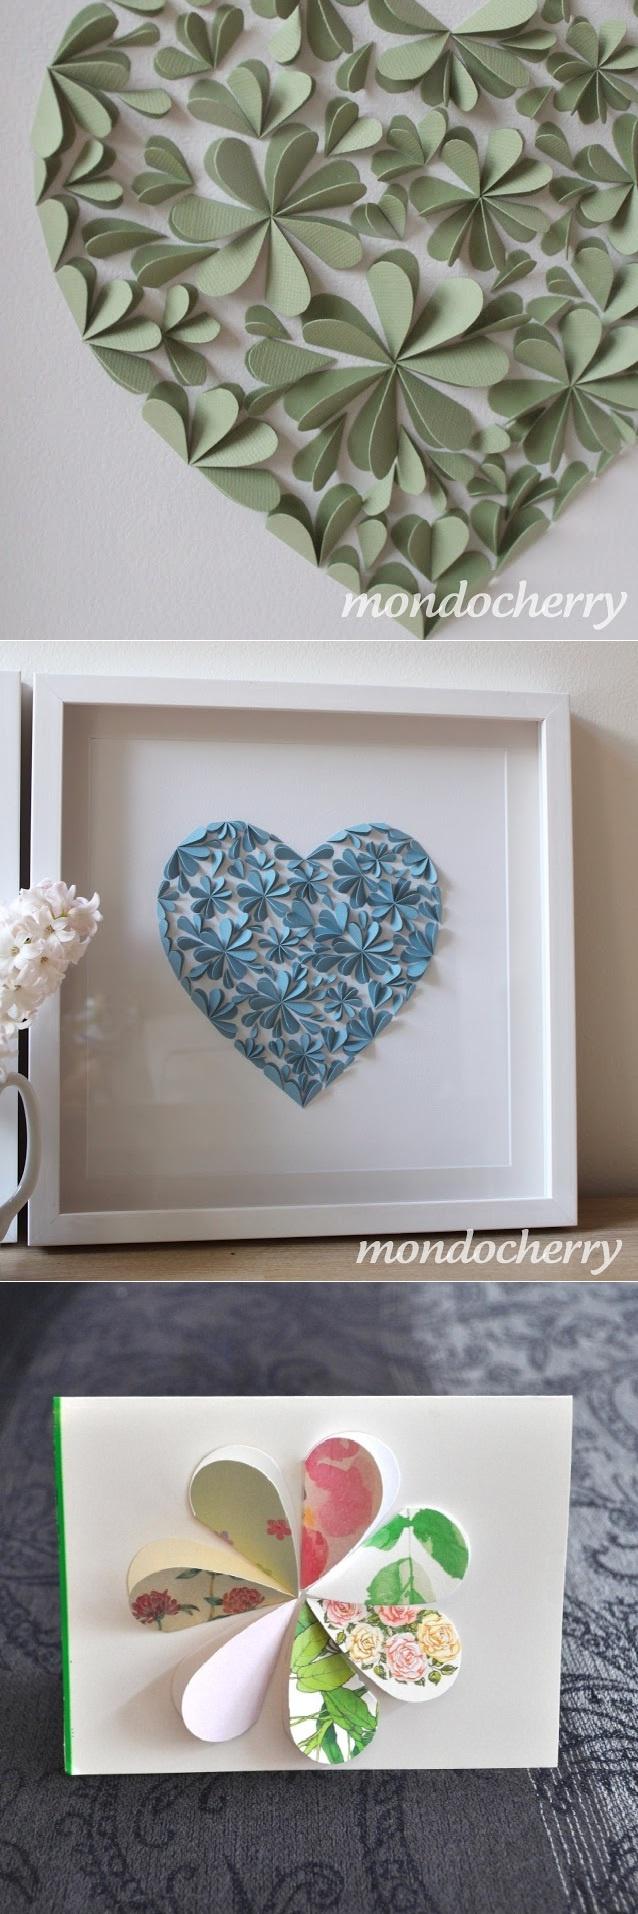 Moldes de corte ou corte em forma de coração e papel colorido. Cole apenas metade em um fundo contrastante.